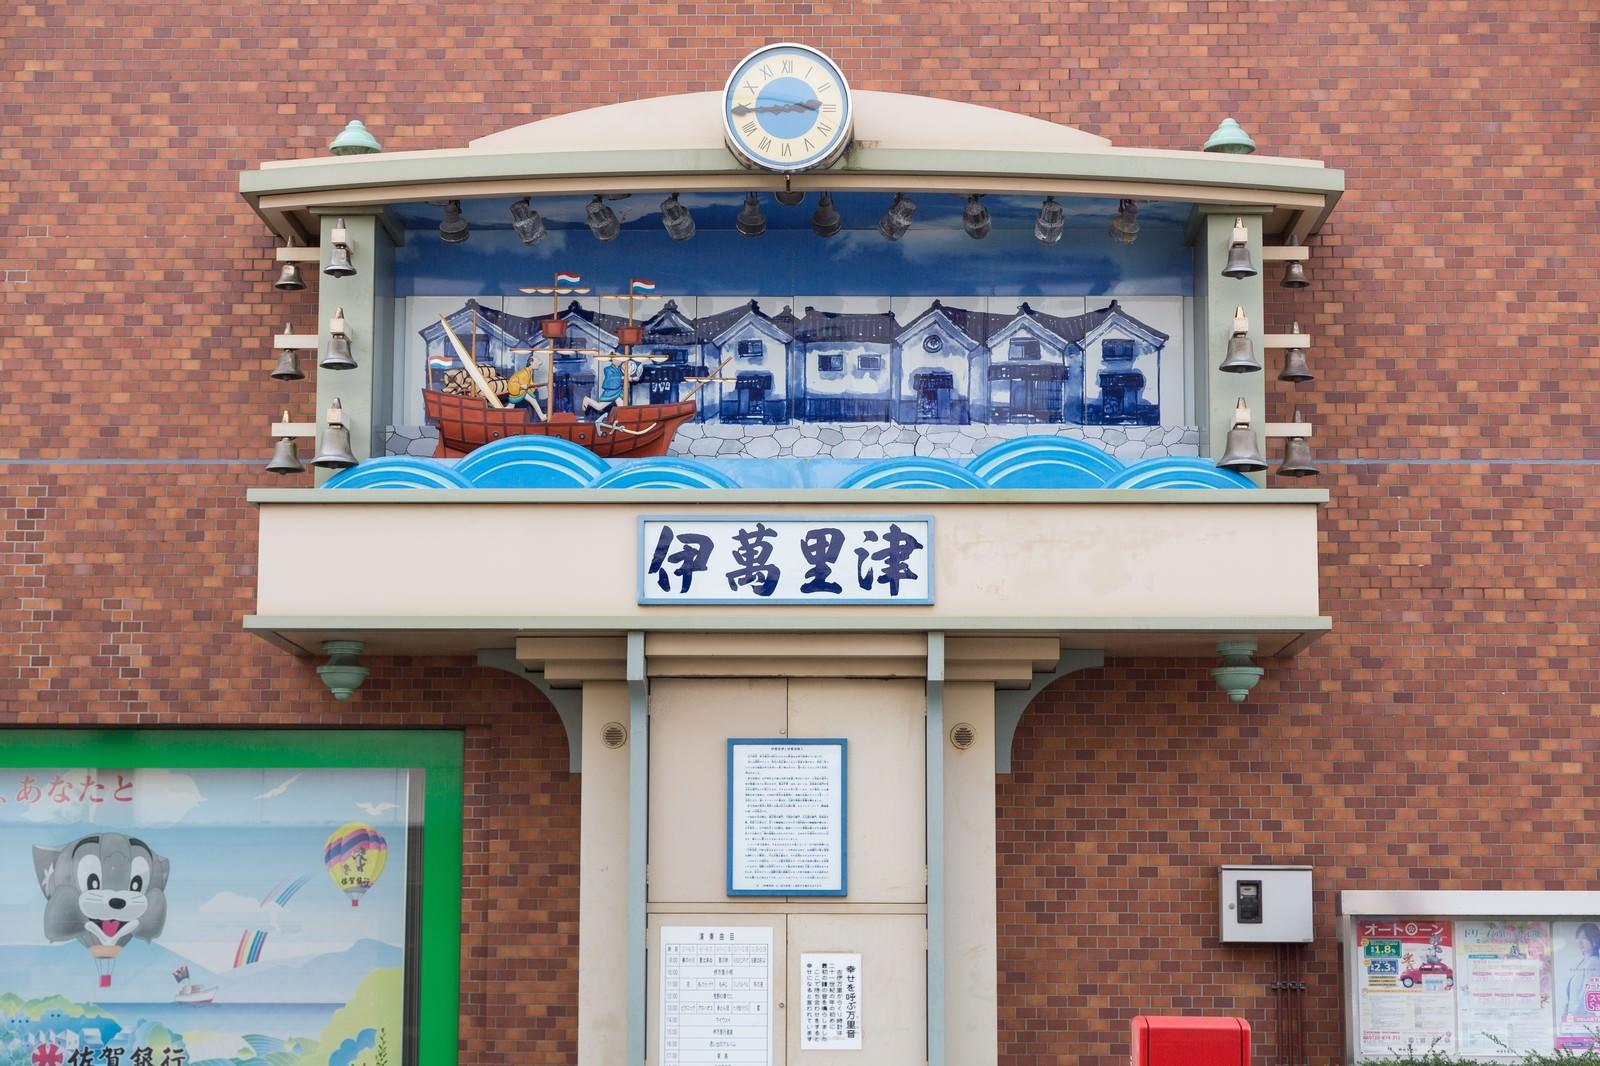 「佐賀県伊万里市の観光名所「古伊万里からくり時計」」の写真